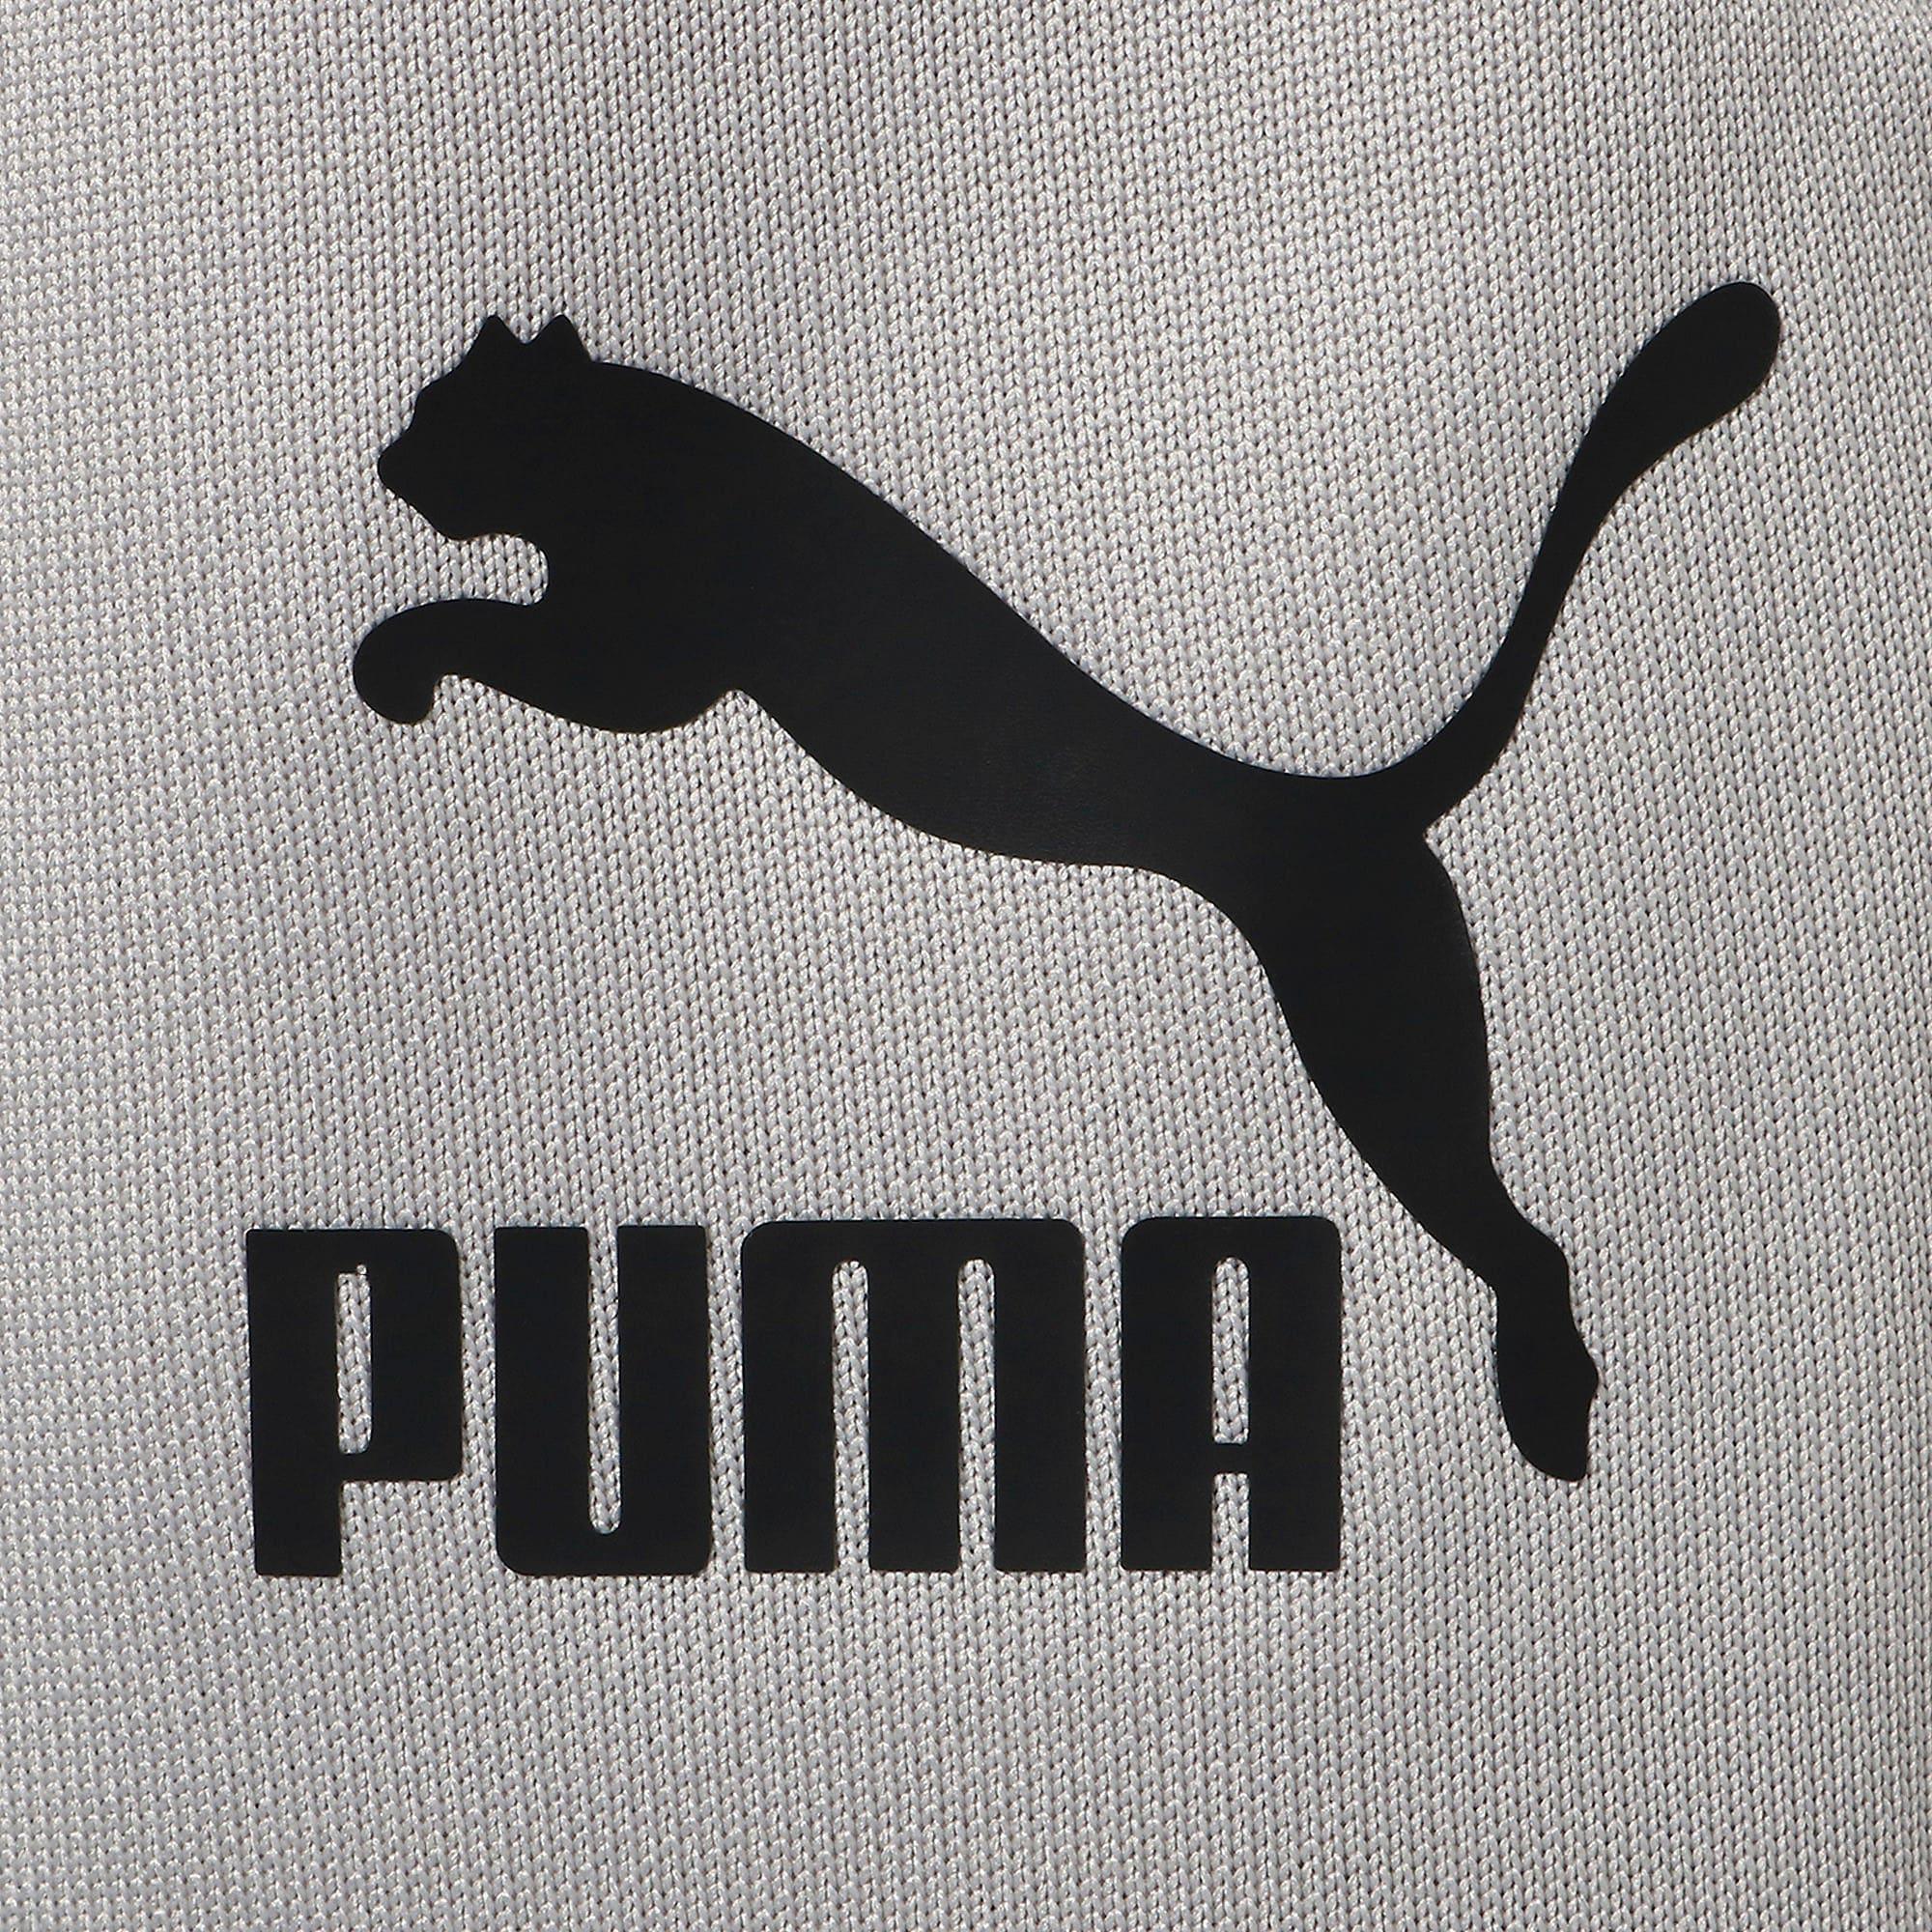 Thumbnail 3 of SUPER PUMA MCS PANTS SOUND, Gray Violet, medium-JPN